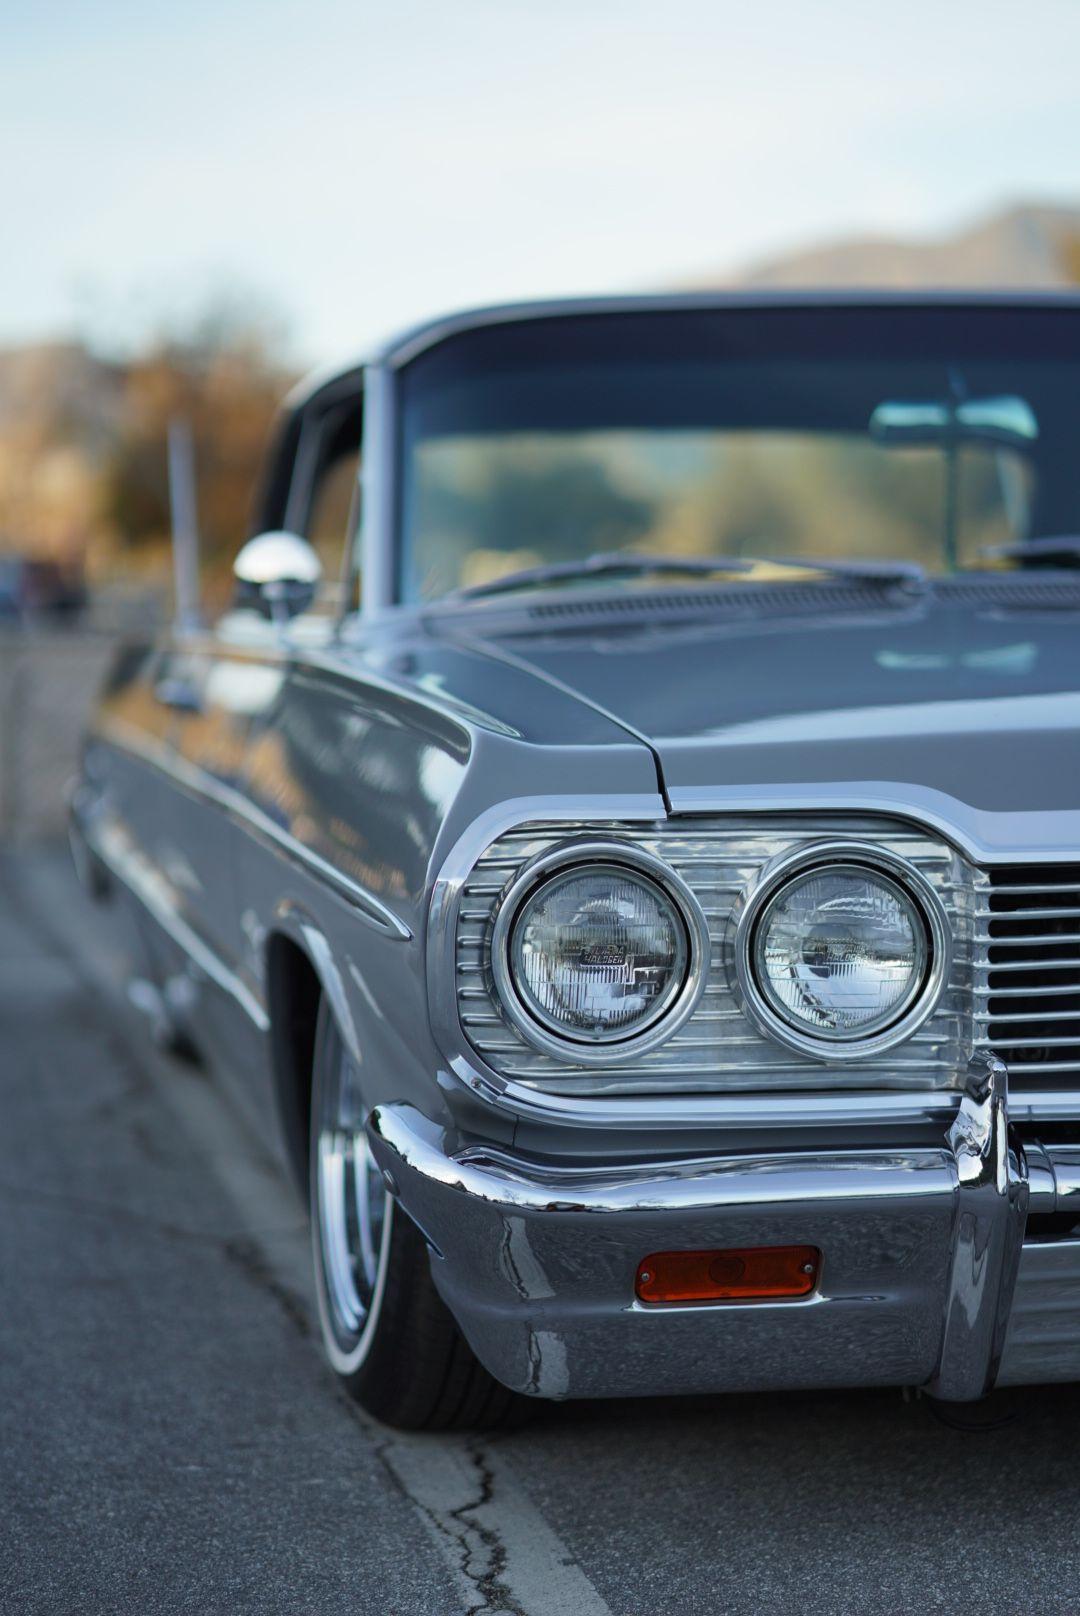 1964 Chevy Impala Impala Chevy Lowriders Lownslow Carshots Caranddriver 64impala Classic Cars Chevy 64 Impala Lowrider Cars